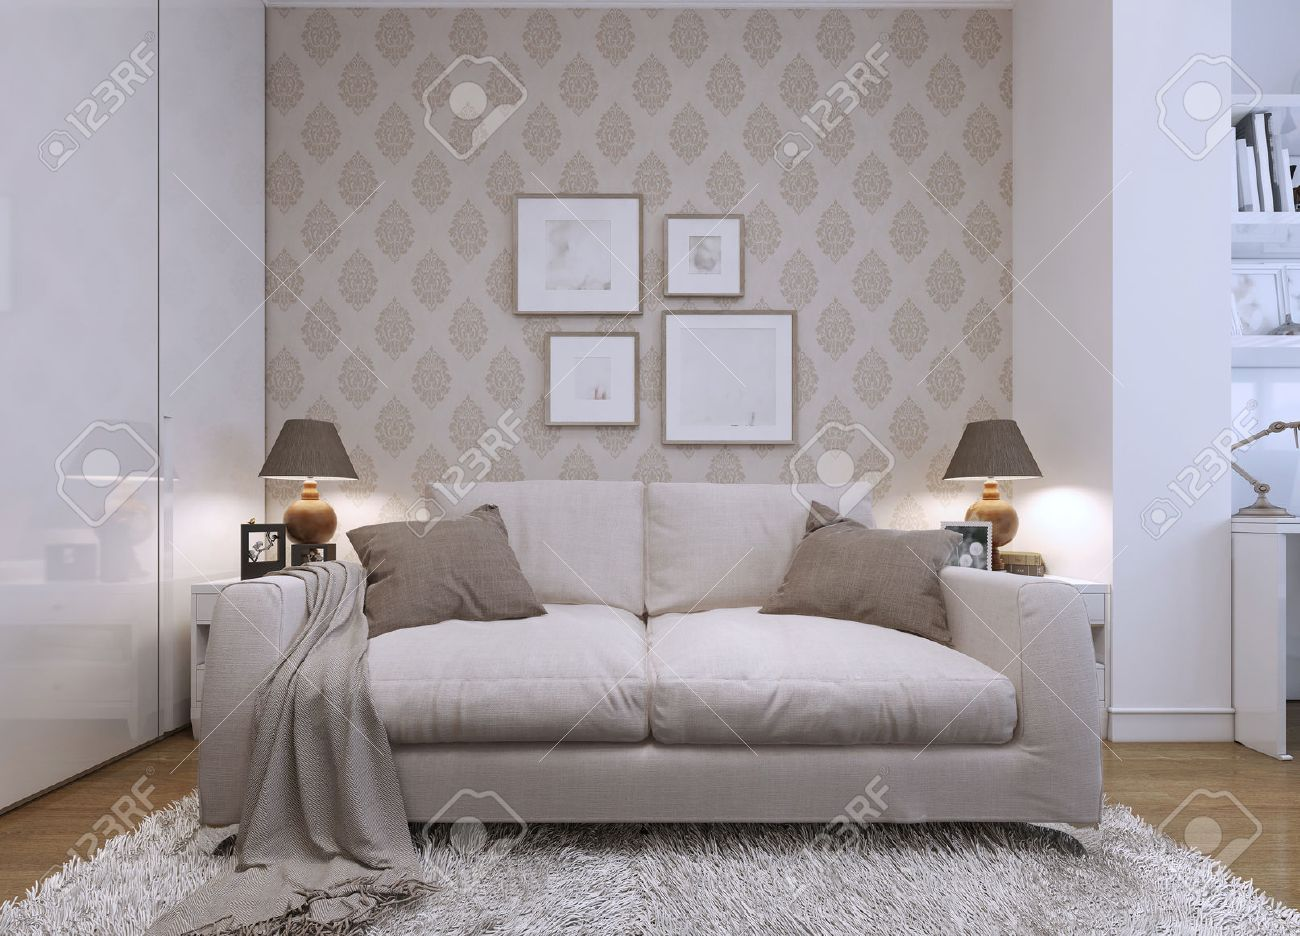 banque dimages canap beige dans le salon dans un style moderne papier peint sur les murs avec un motif luvre dart sur le mur rendu 3d - Canape Beige